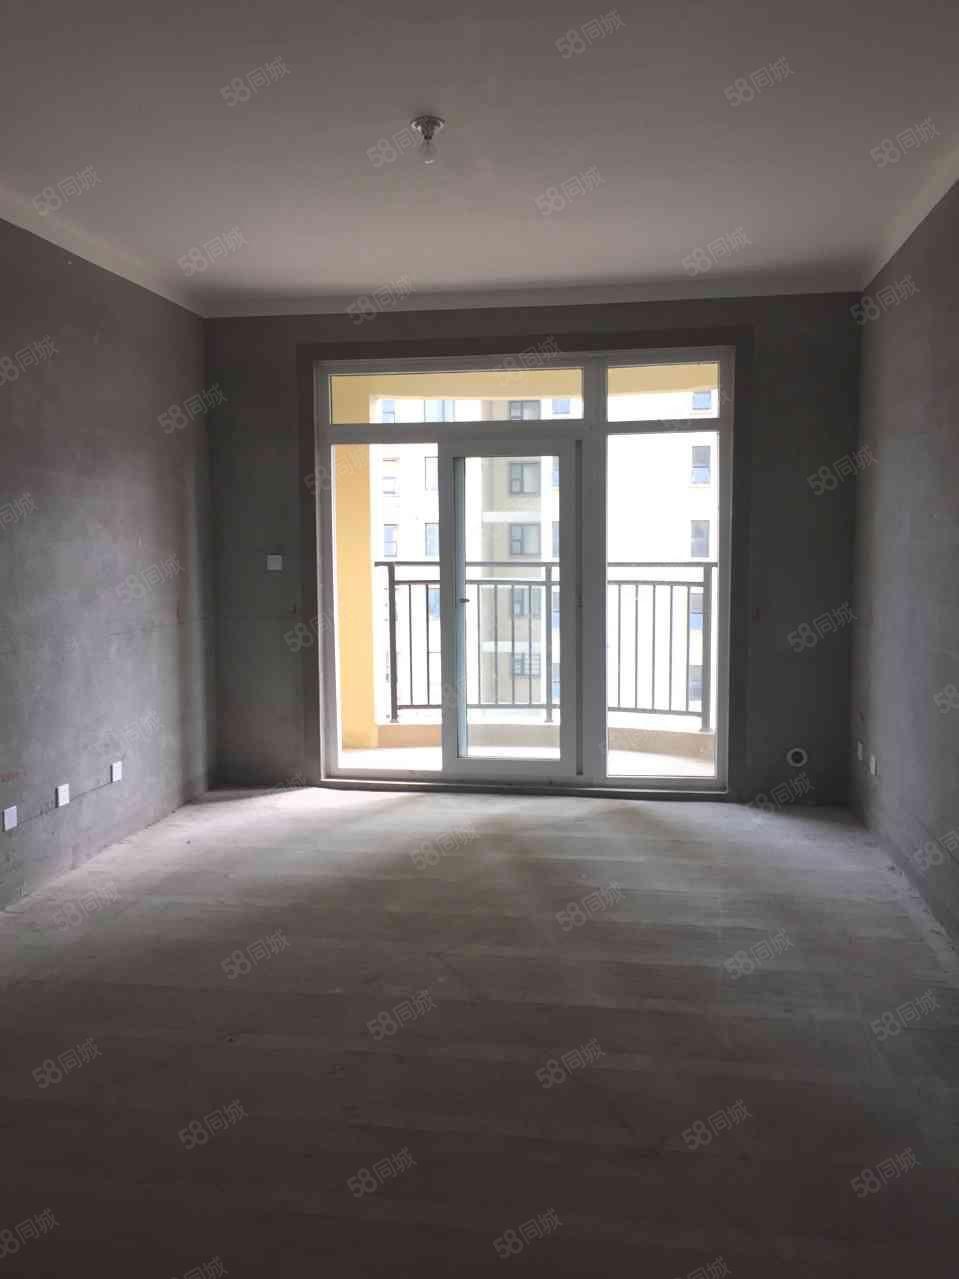 买房到哪里圣桦名城欢迎您高铁旁五一期间优惠不断。